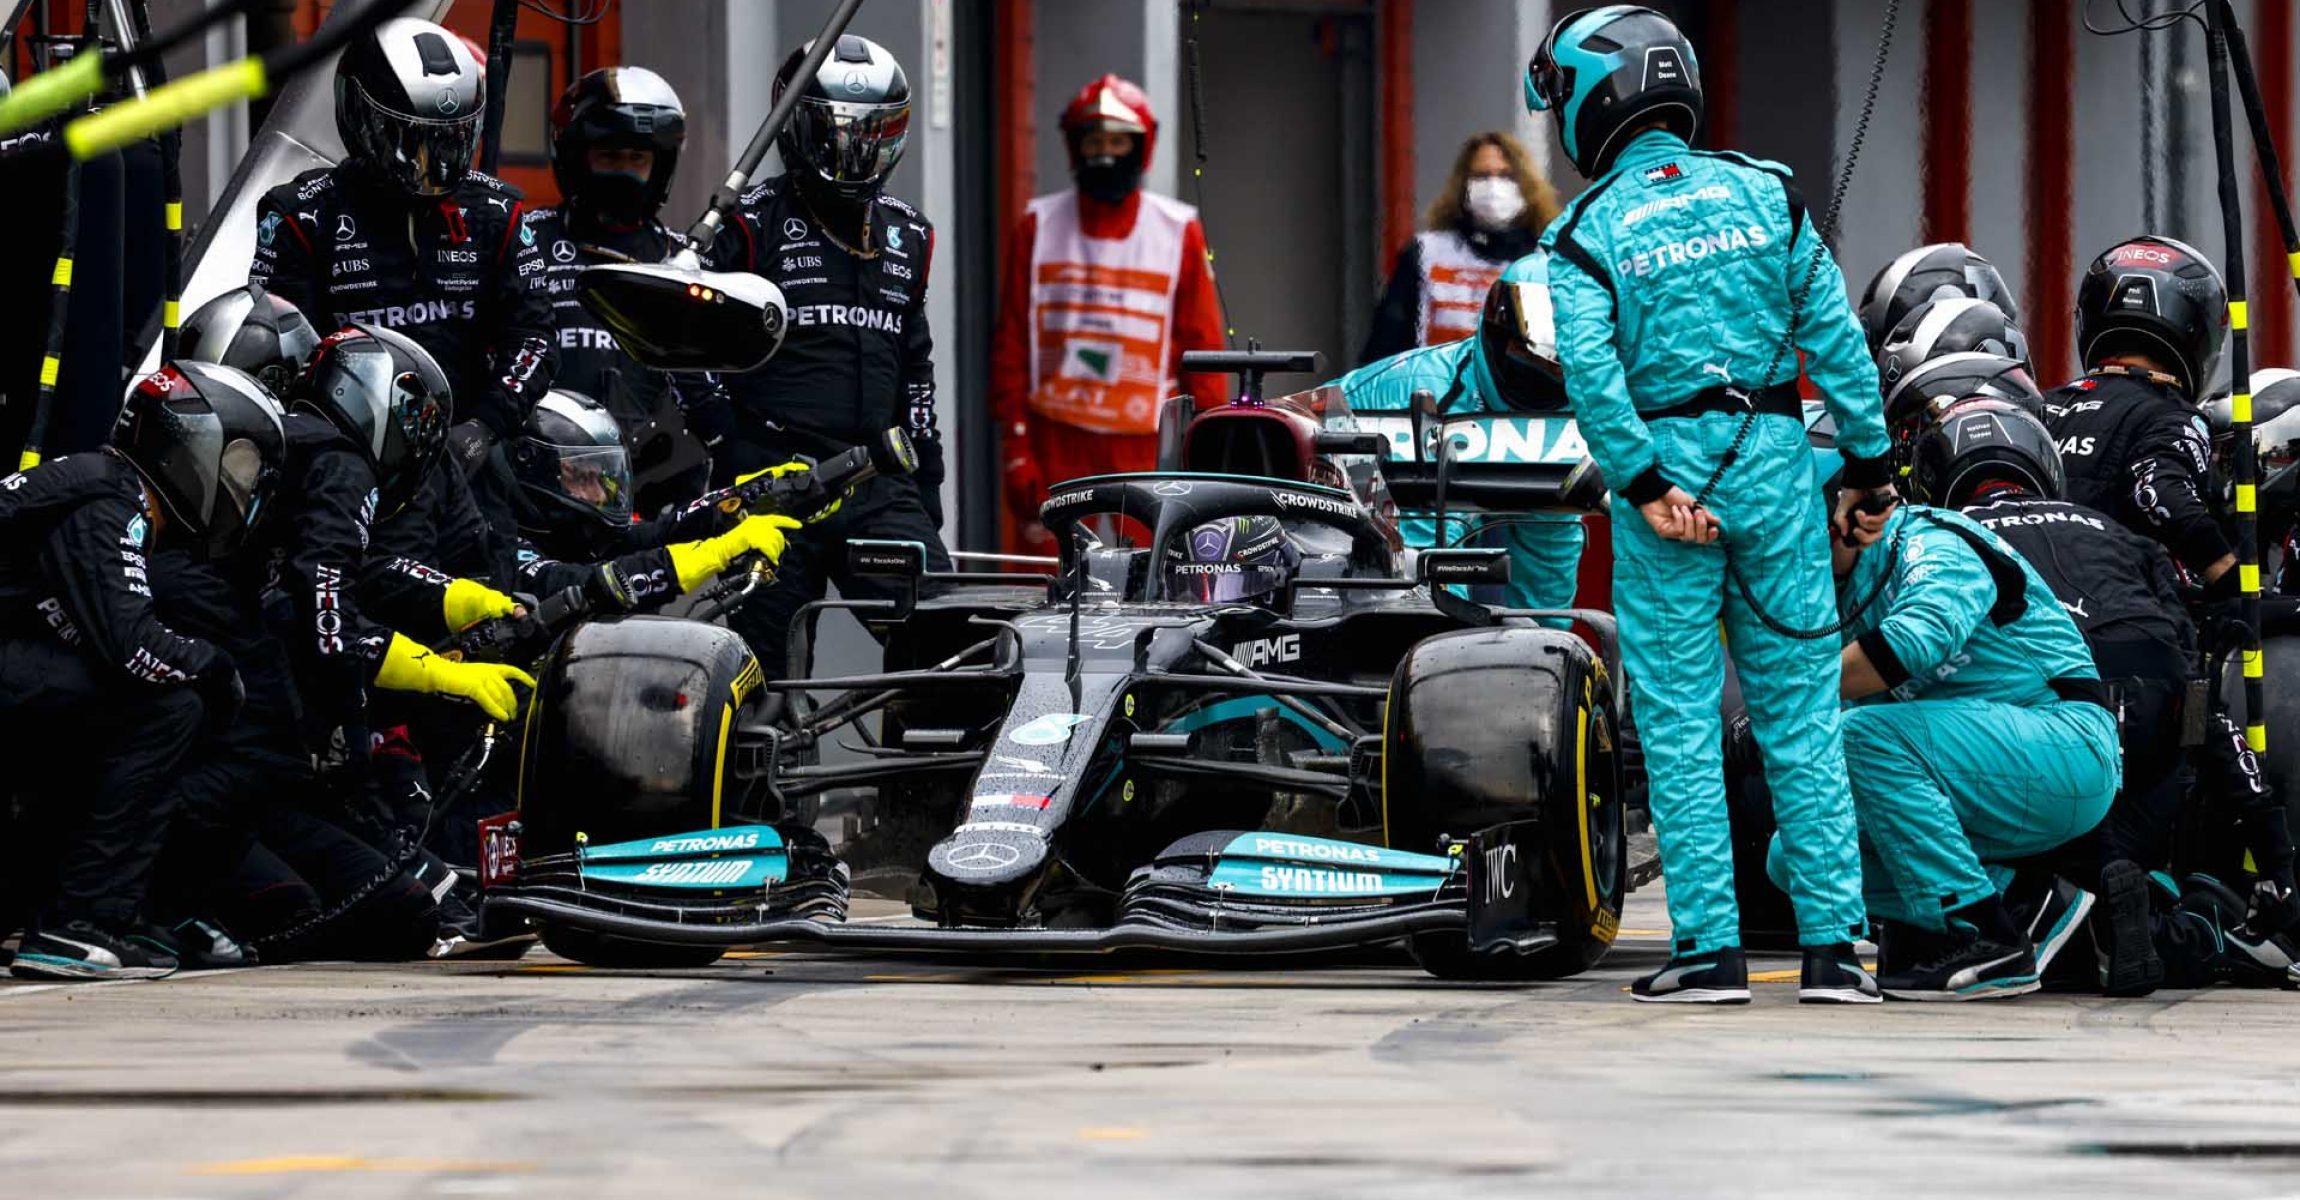 2021 Emilia Romagna Grand Prix, Sunday - LAT Images Lewis Hamilton pitstop Mercedes